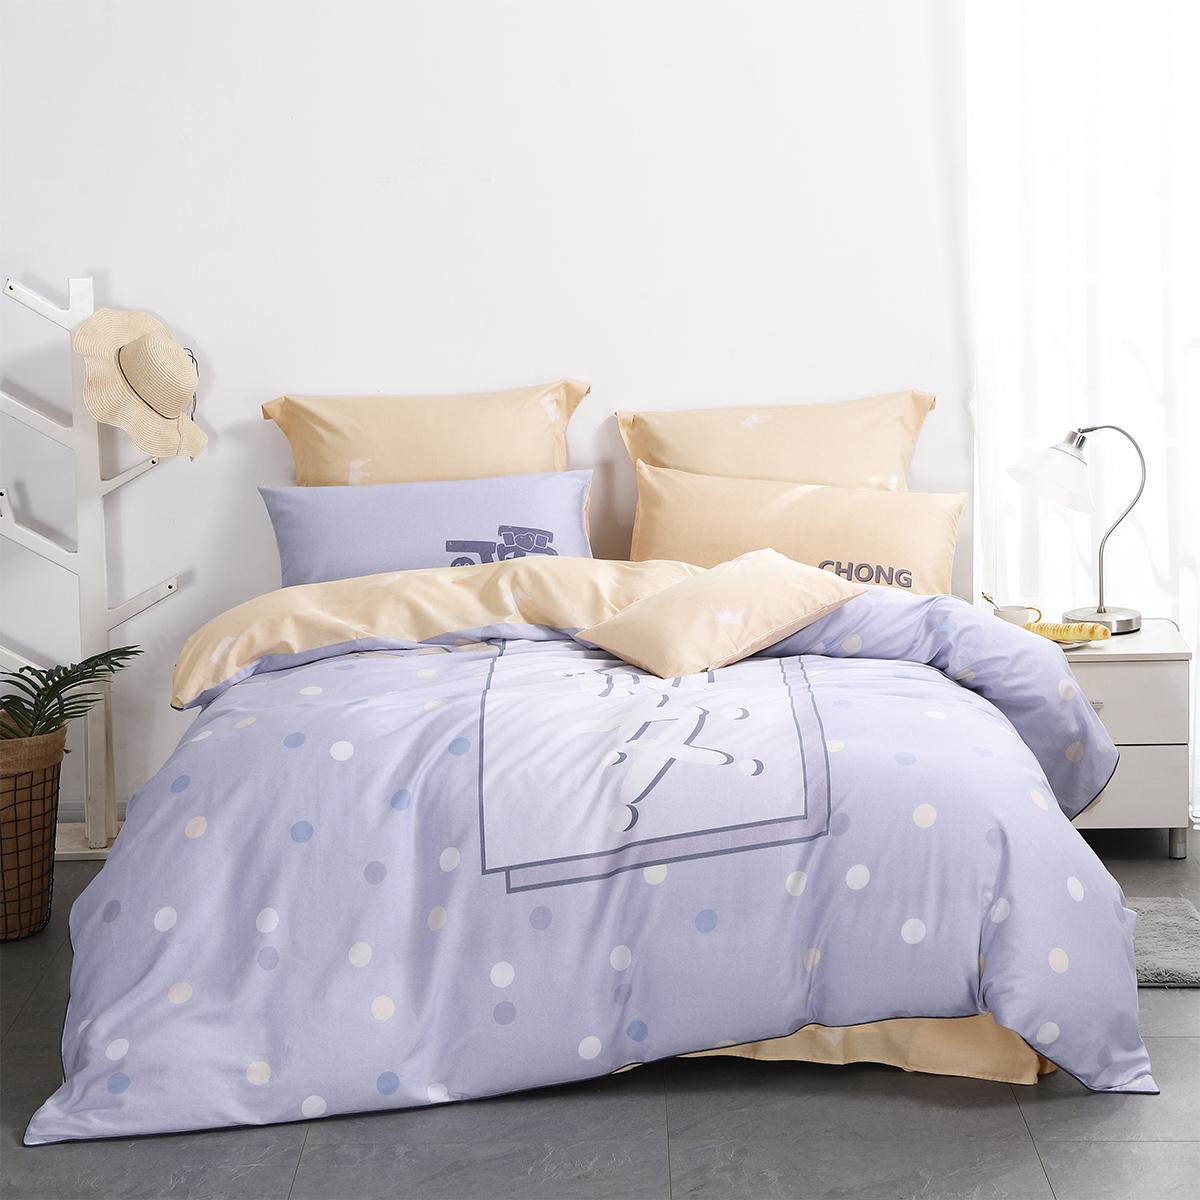 舒适的四件套,让你的卧室焕然一新